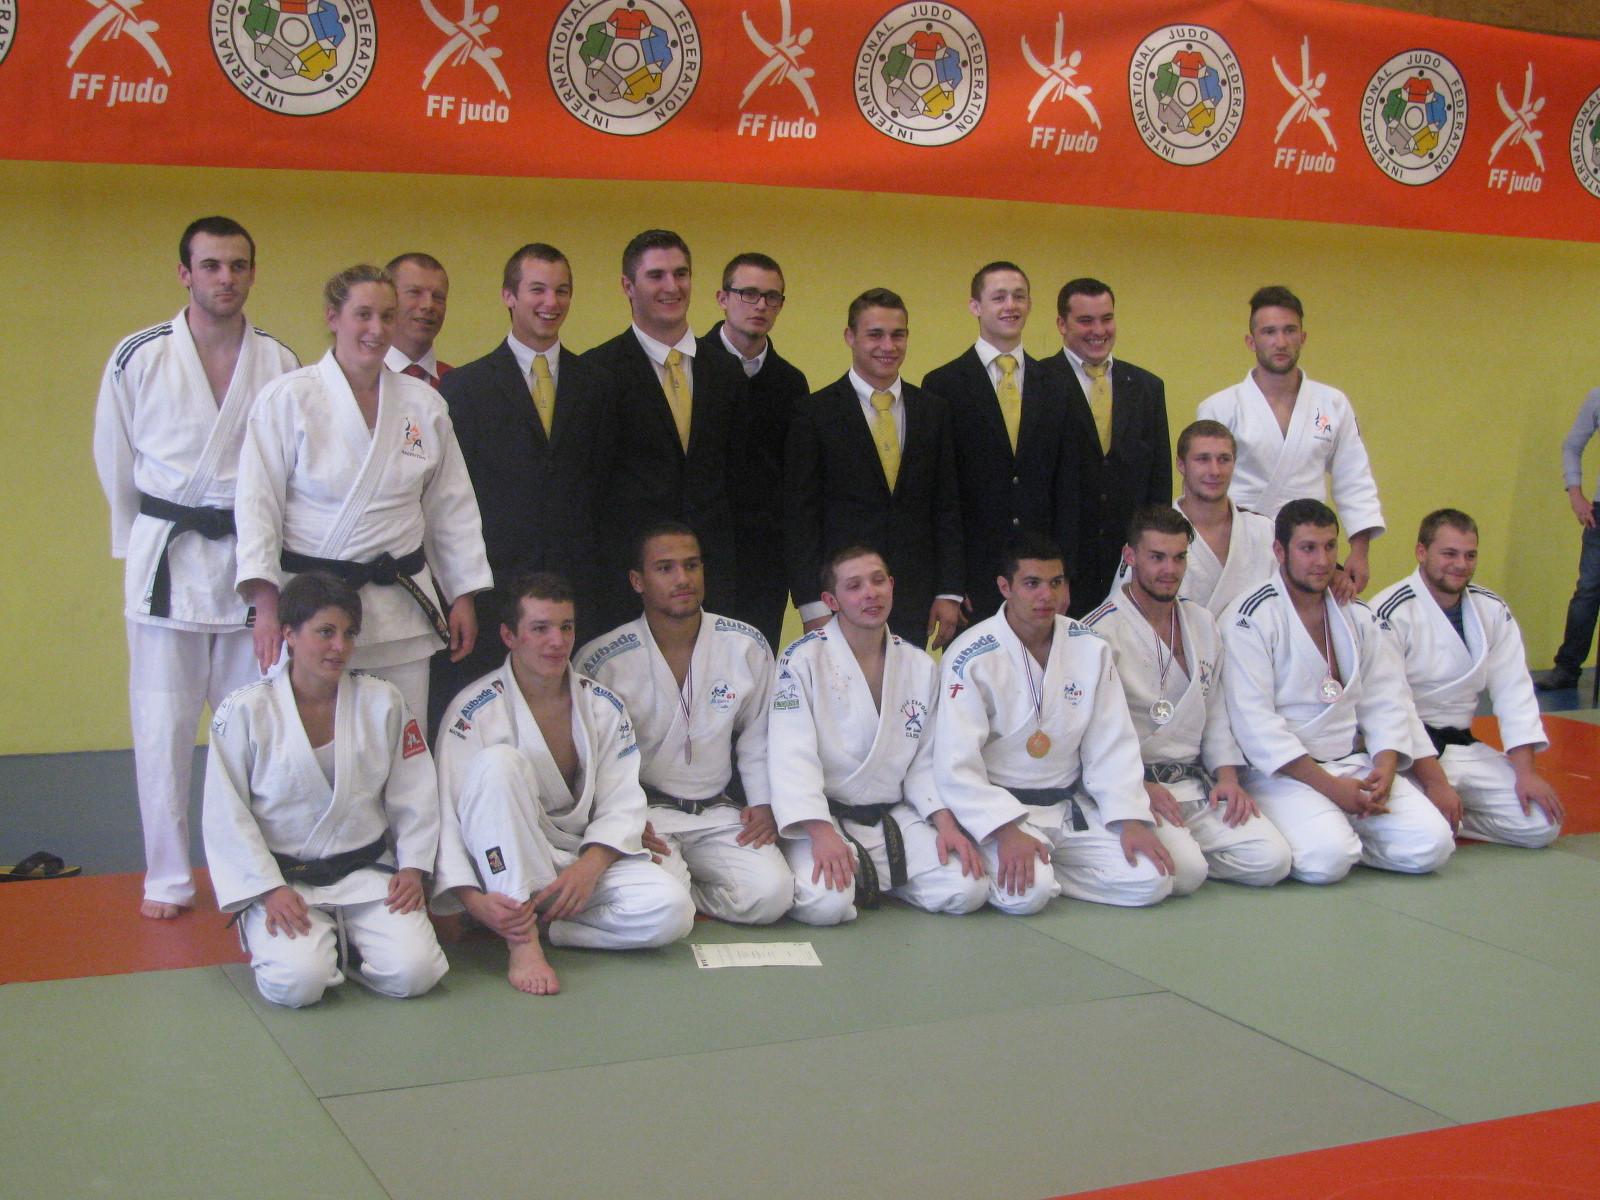 La délégation ornaise ; combattants et arbitres